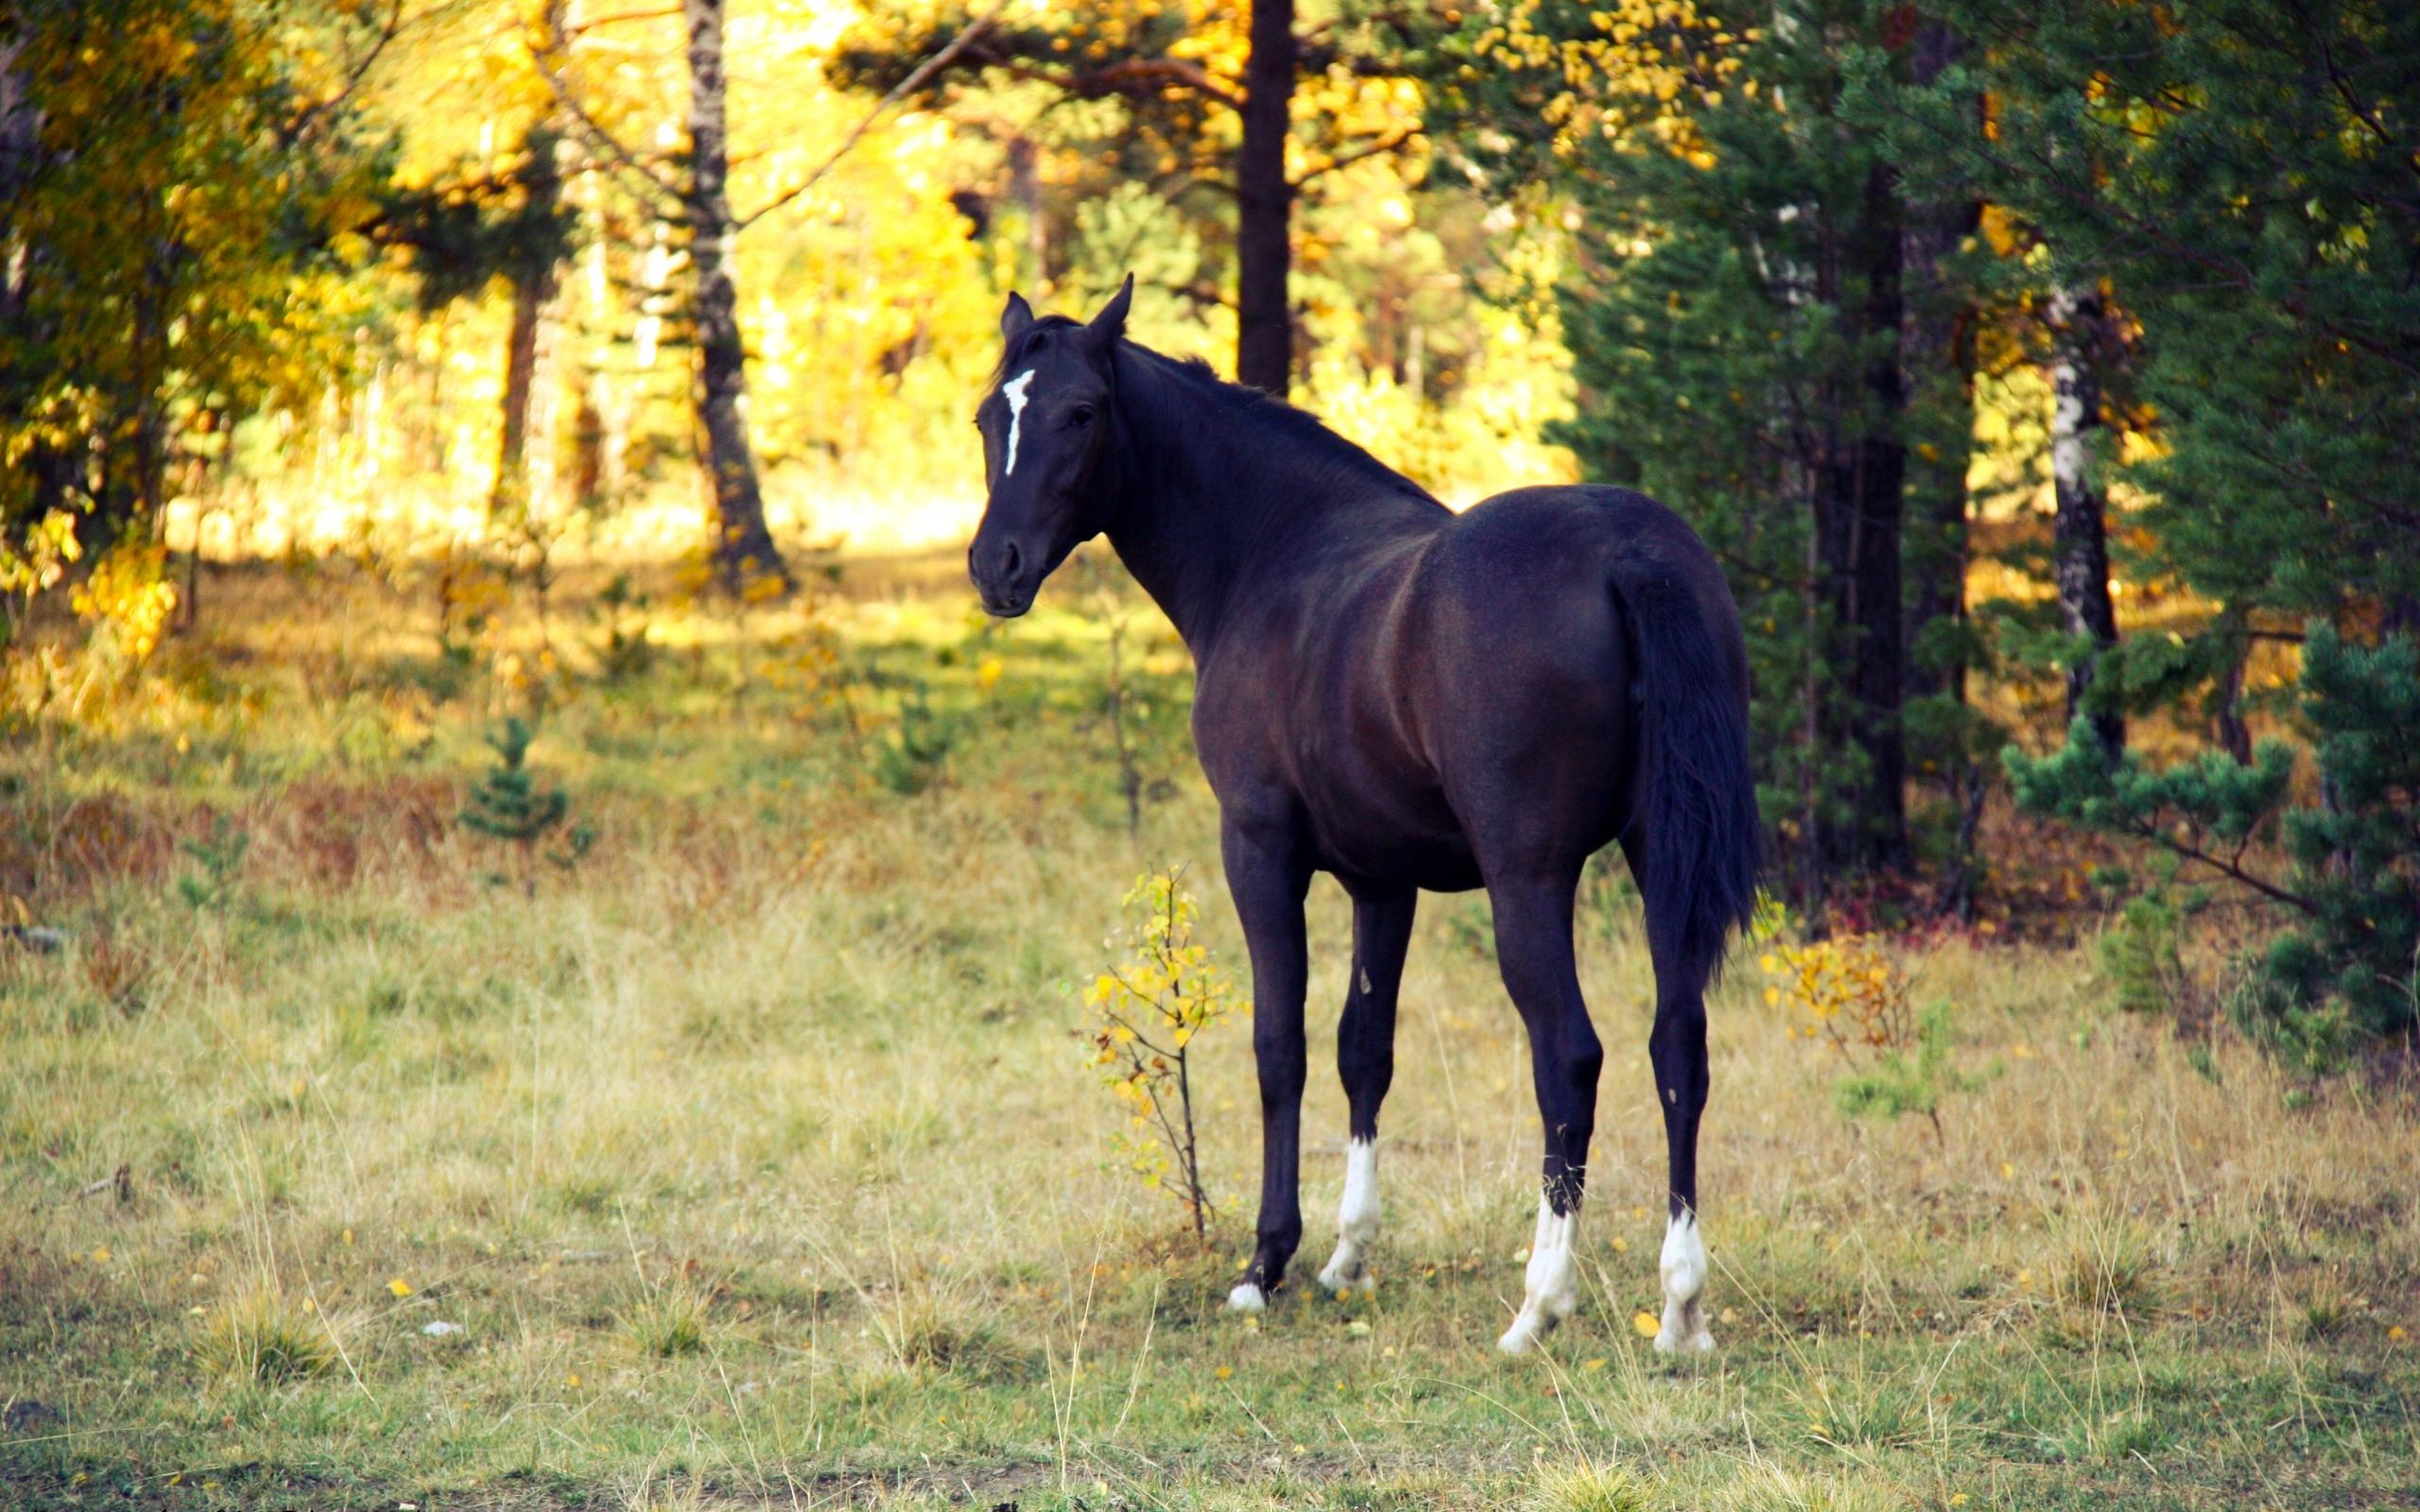 48559 скачать обои Животные, Лошади - заставки и картинки бесплатно